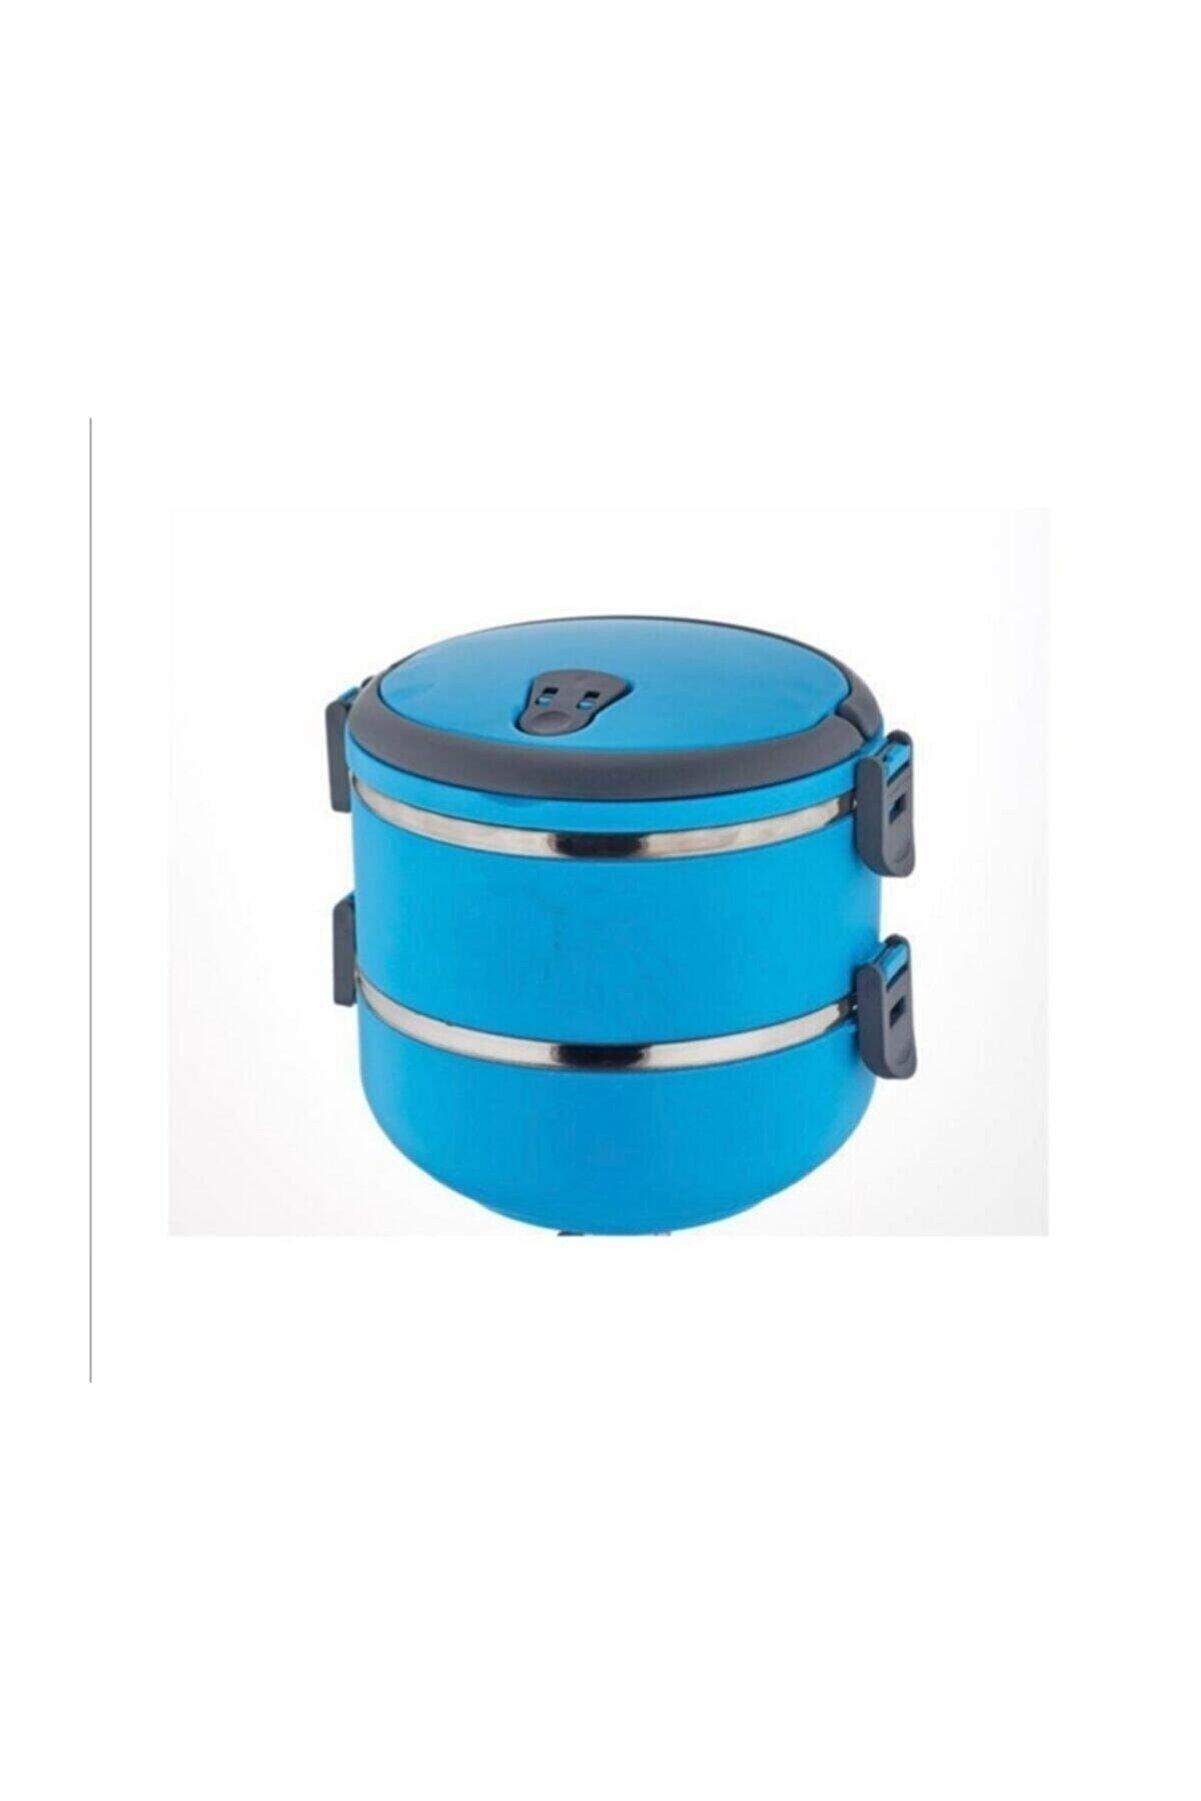 FreshBox 2 Li Mandallı Sefer Tası Çelik Yemek Termosu Mavi